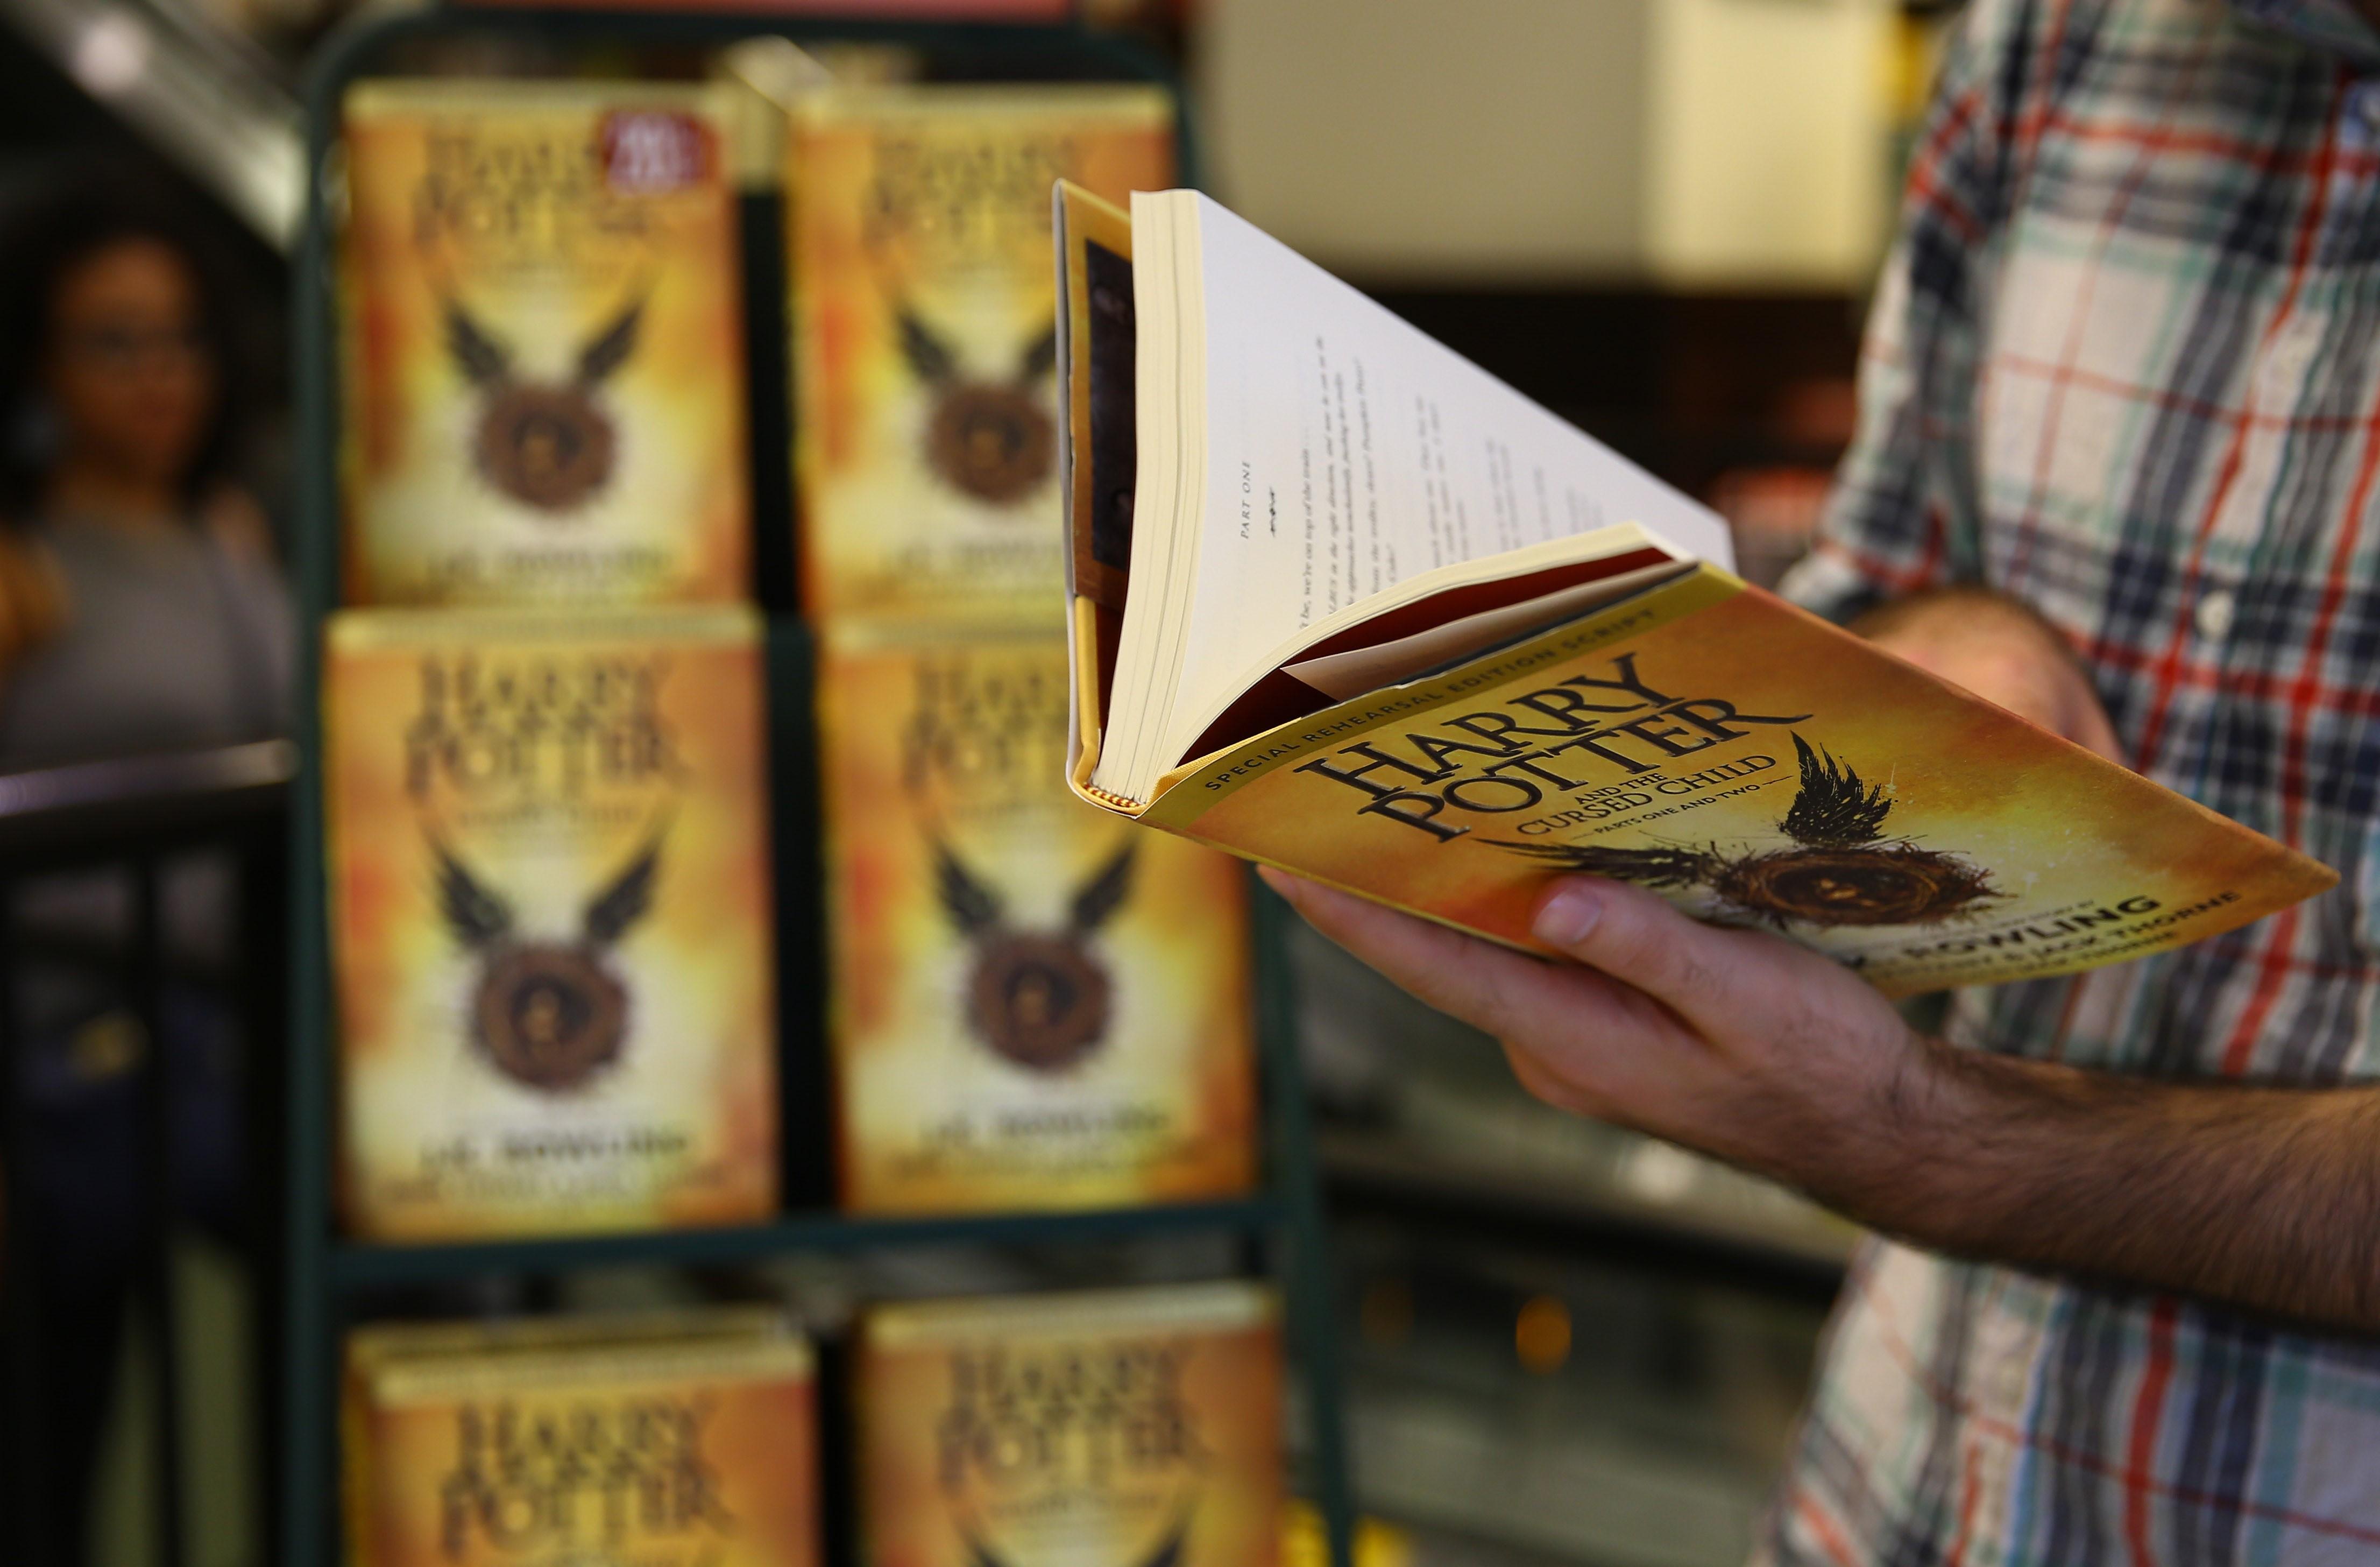 Motivul uluitor pentru care o școală a eliminat toate cărțile Harry Potter din bibliotecă